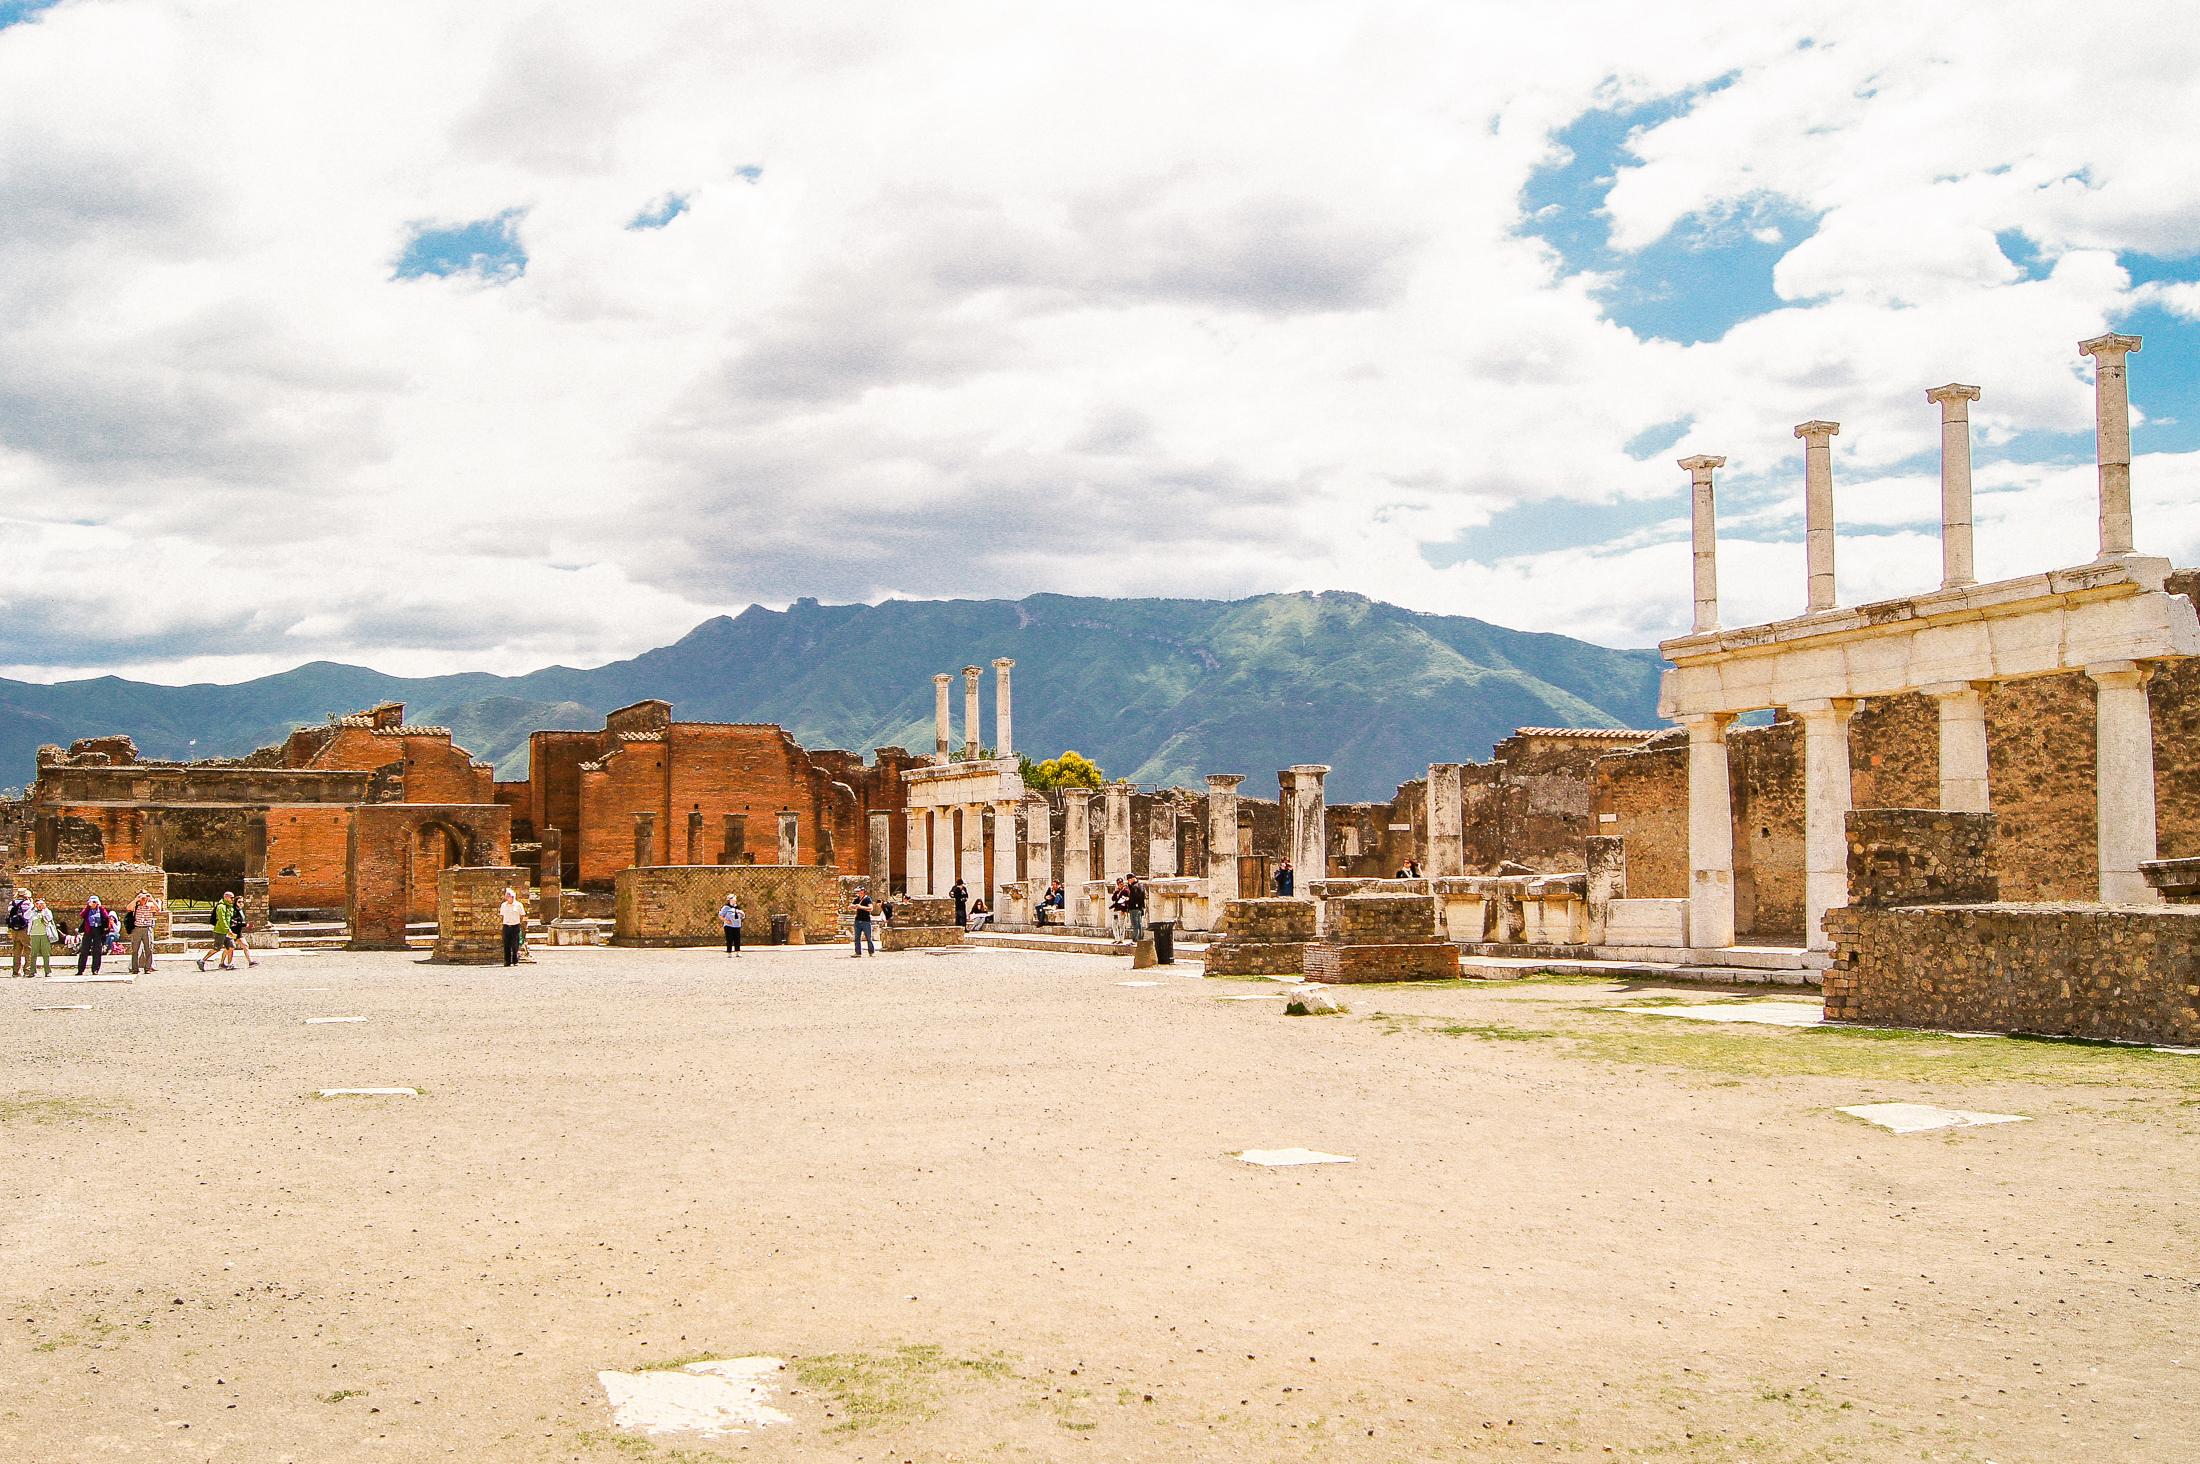 Ett torg i staden Pompeji med ruiner och pelare, berg i bakgrunden.